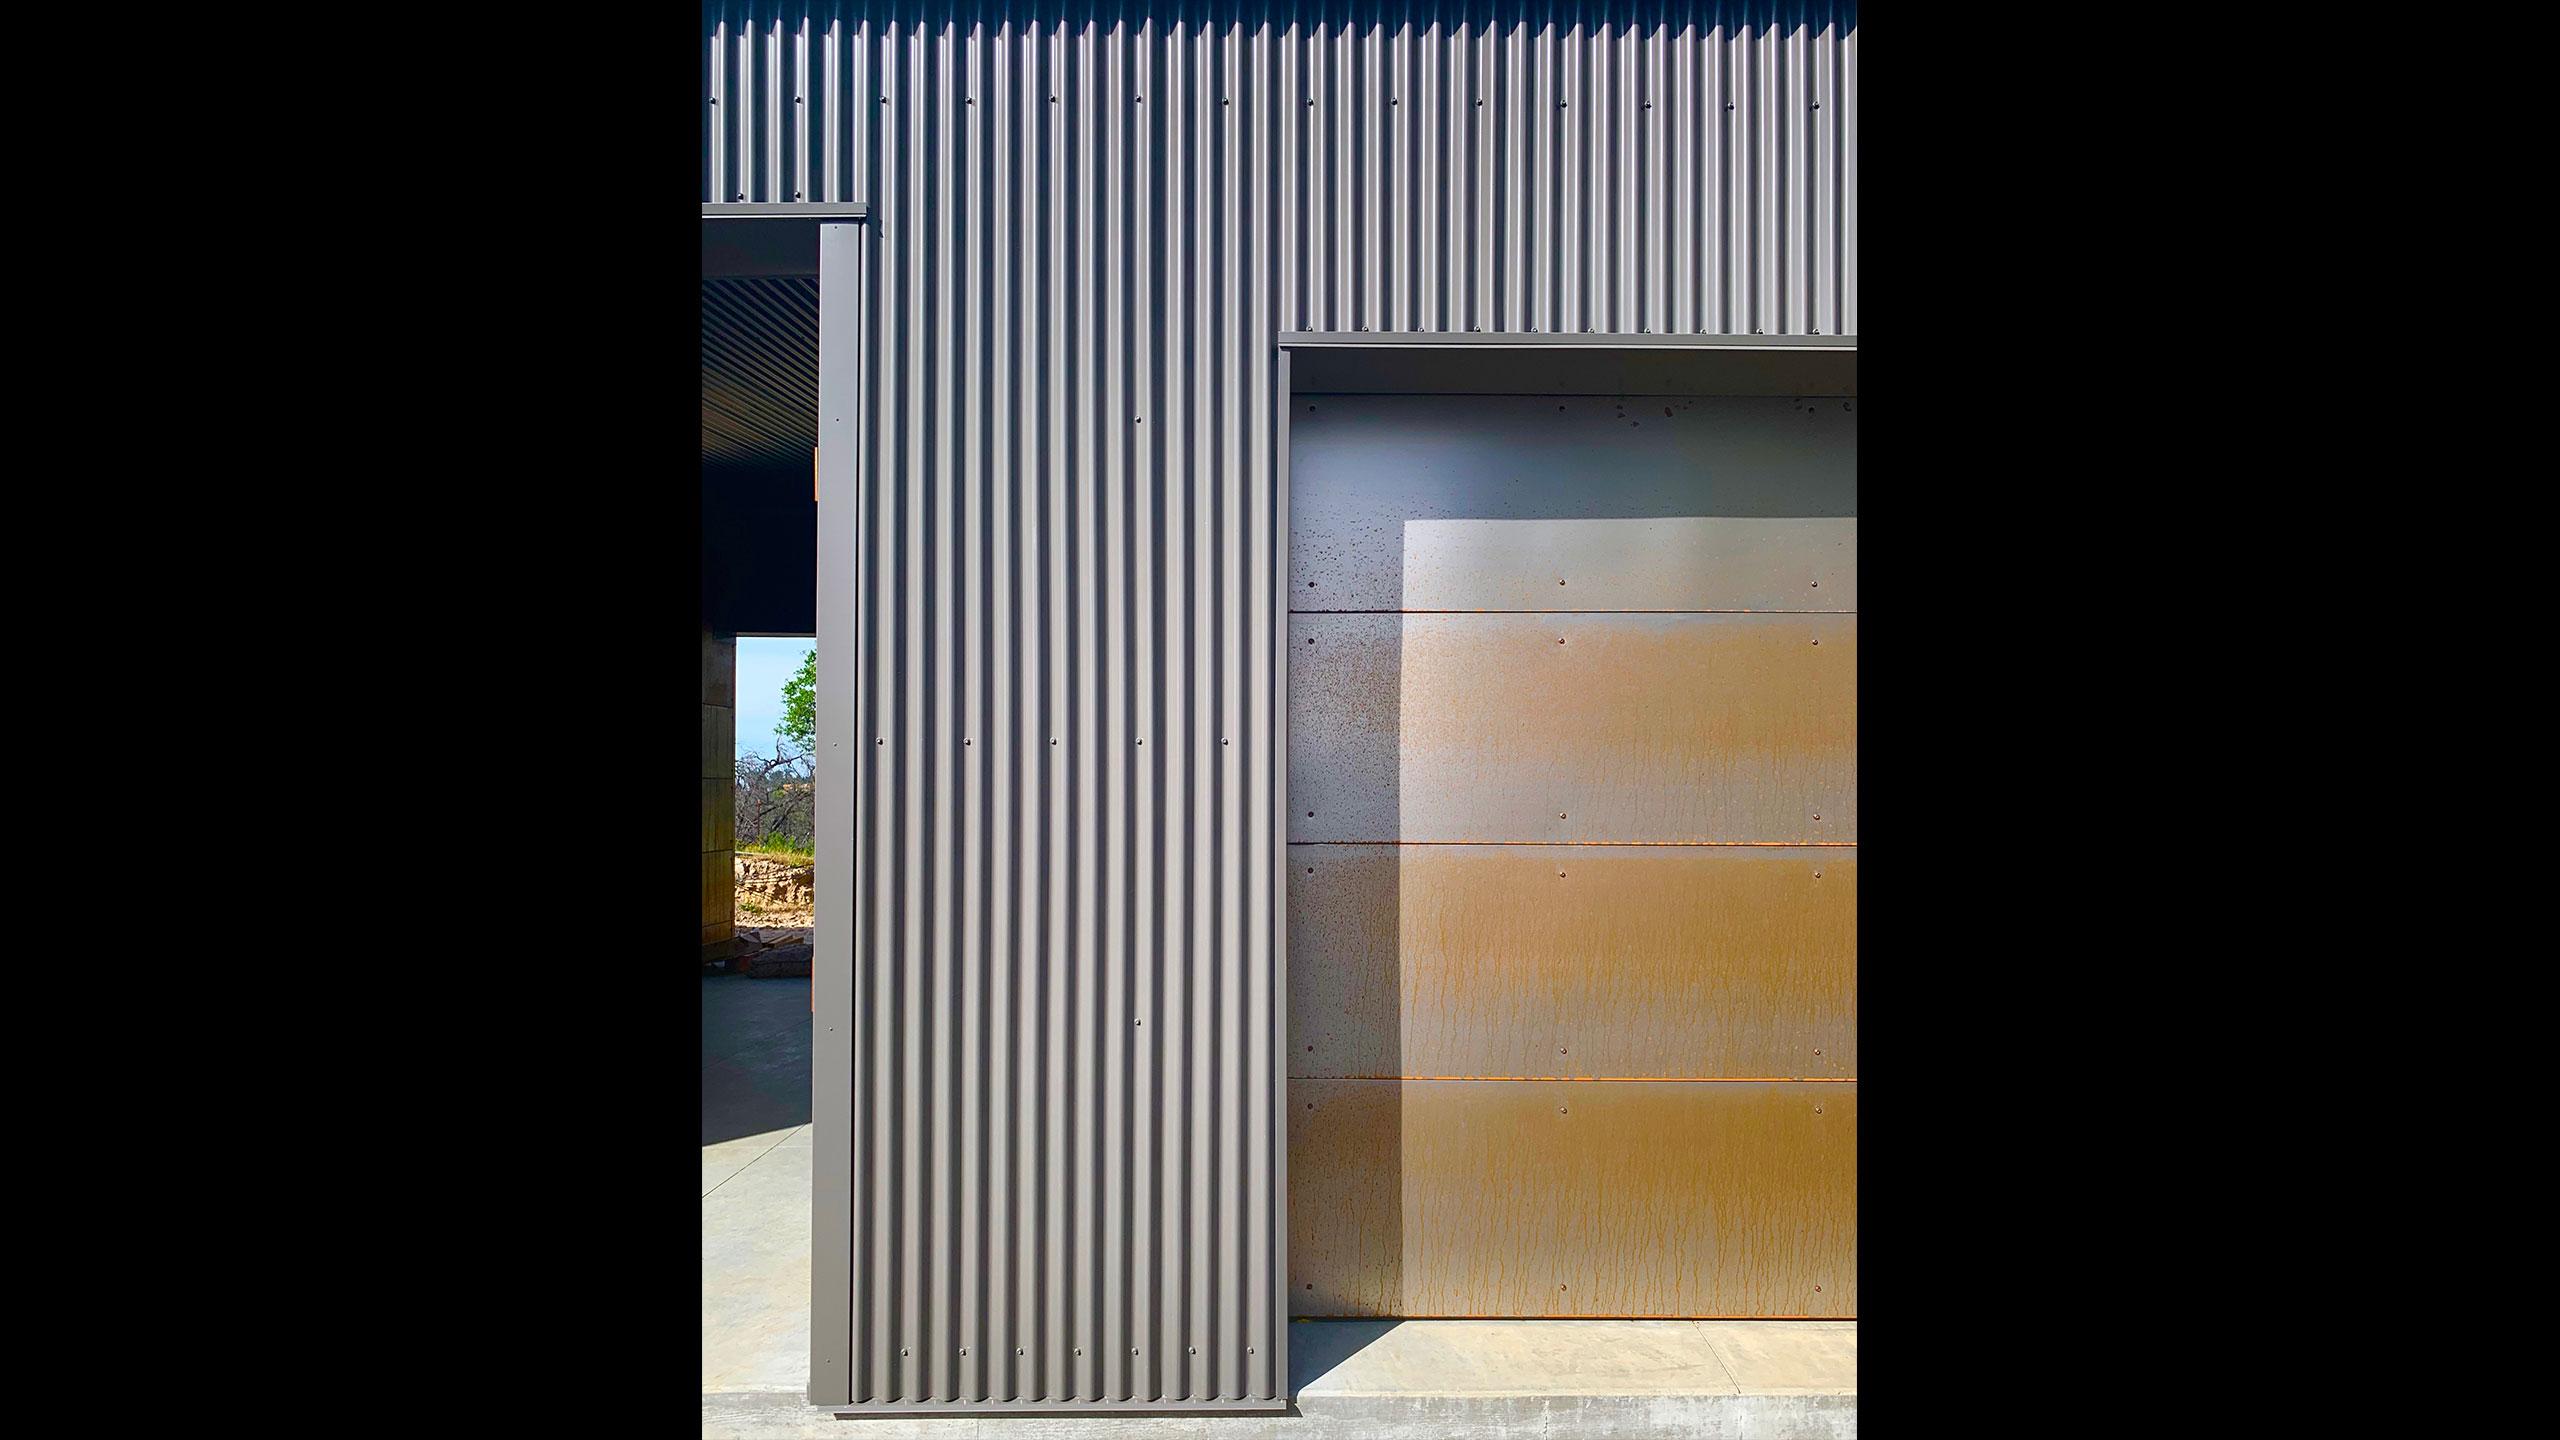 Glen-Ellen-metal-prefab-corten-steel-garage-door-and-corrugated-metal-facade